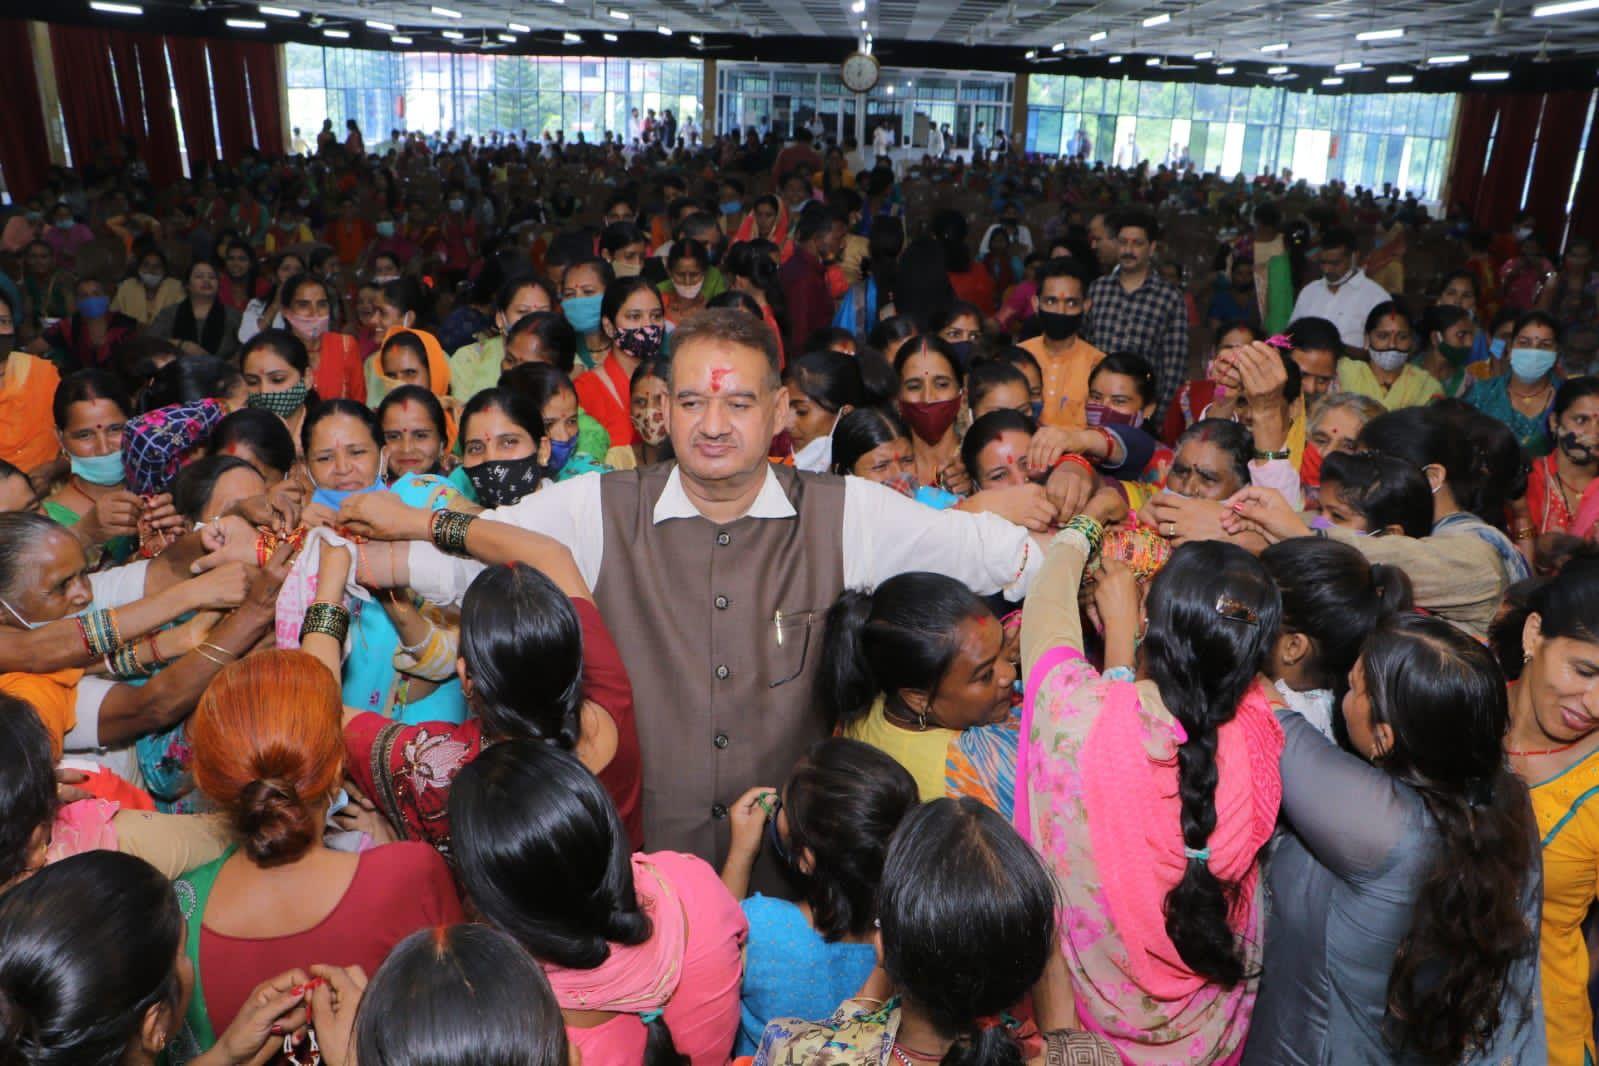 उत्तराखंड : कुल्हान में आयोजित रक्षाबंधन कार्यक्रम में कैबिनेट मंत्री गणेश जोशी को रक्षा सूत्र बांधती बहनें।